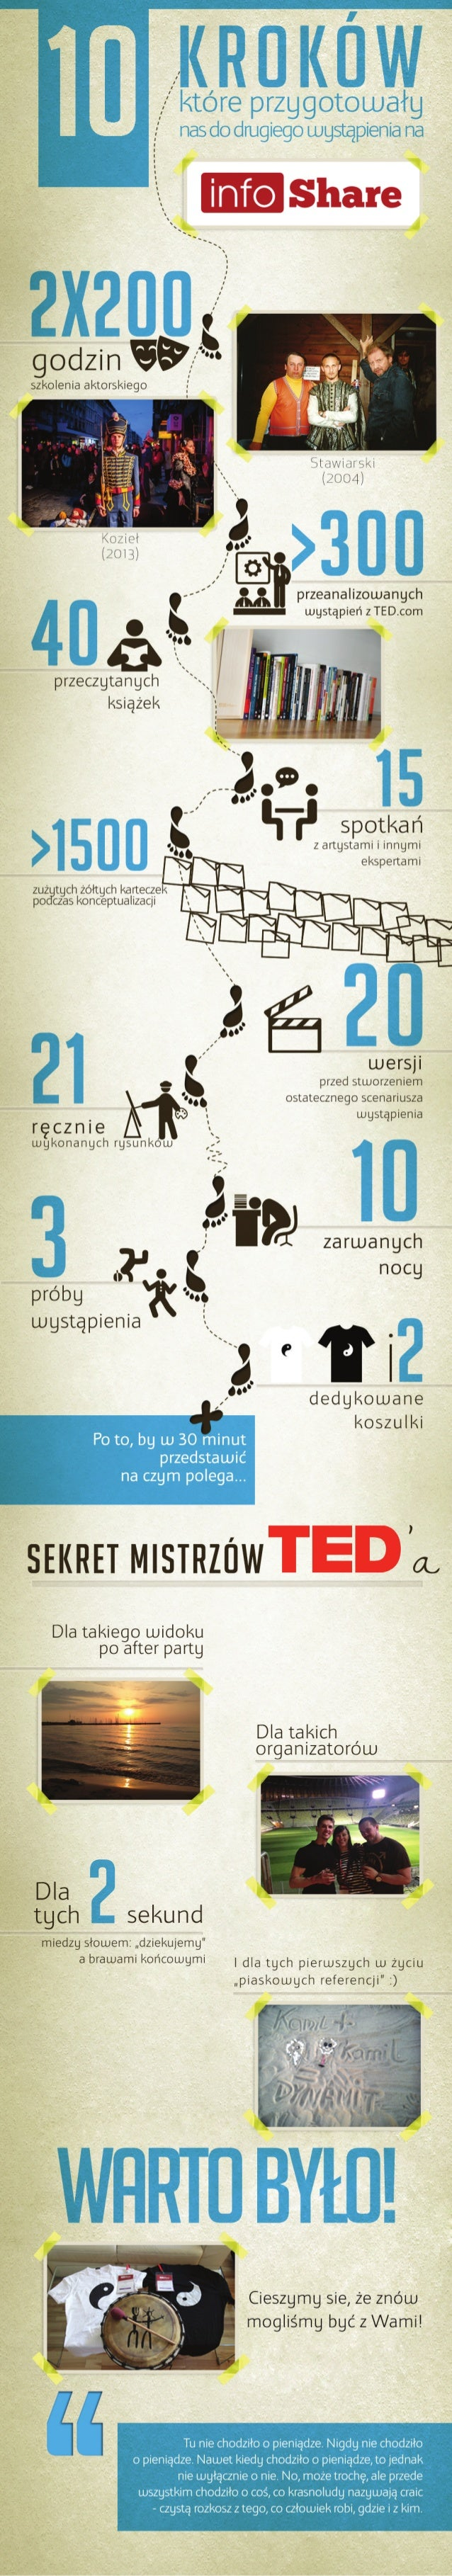 10 kroków do wystąpienia na infoShare 2014. Kozieł i Stawiarski.